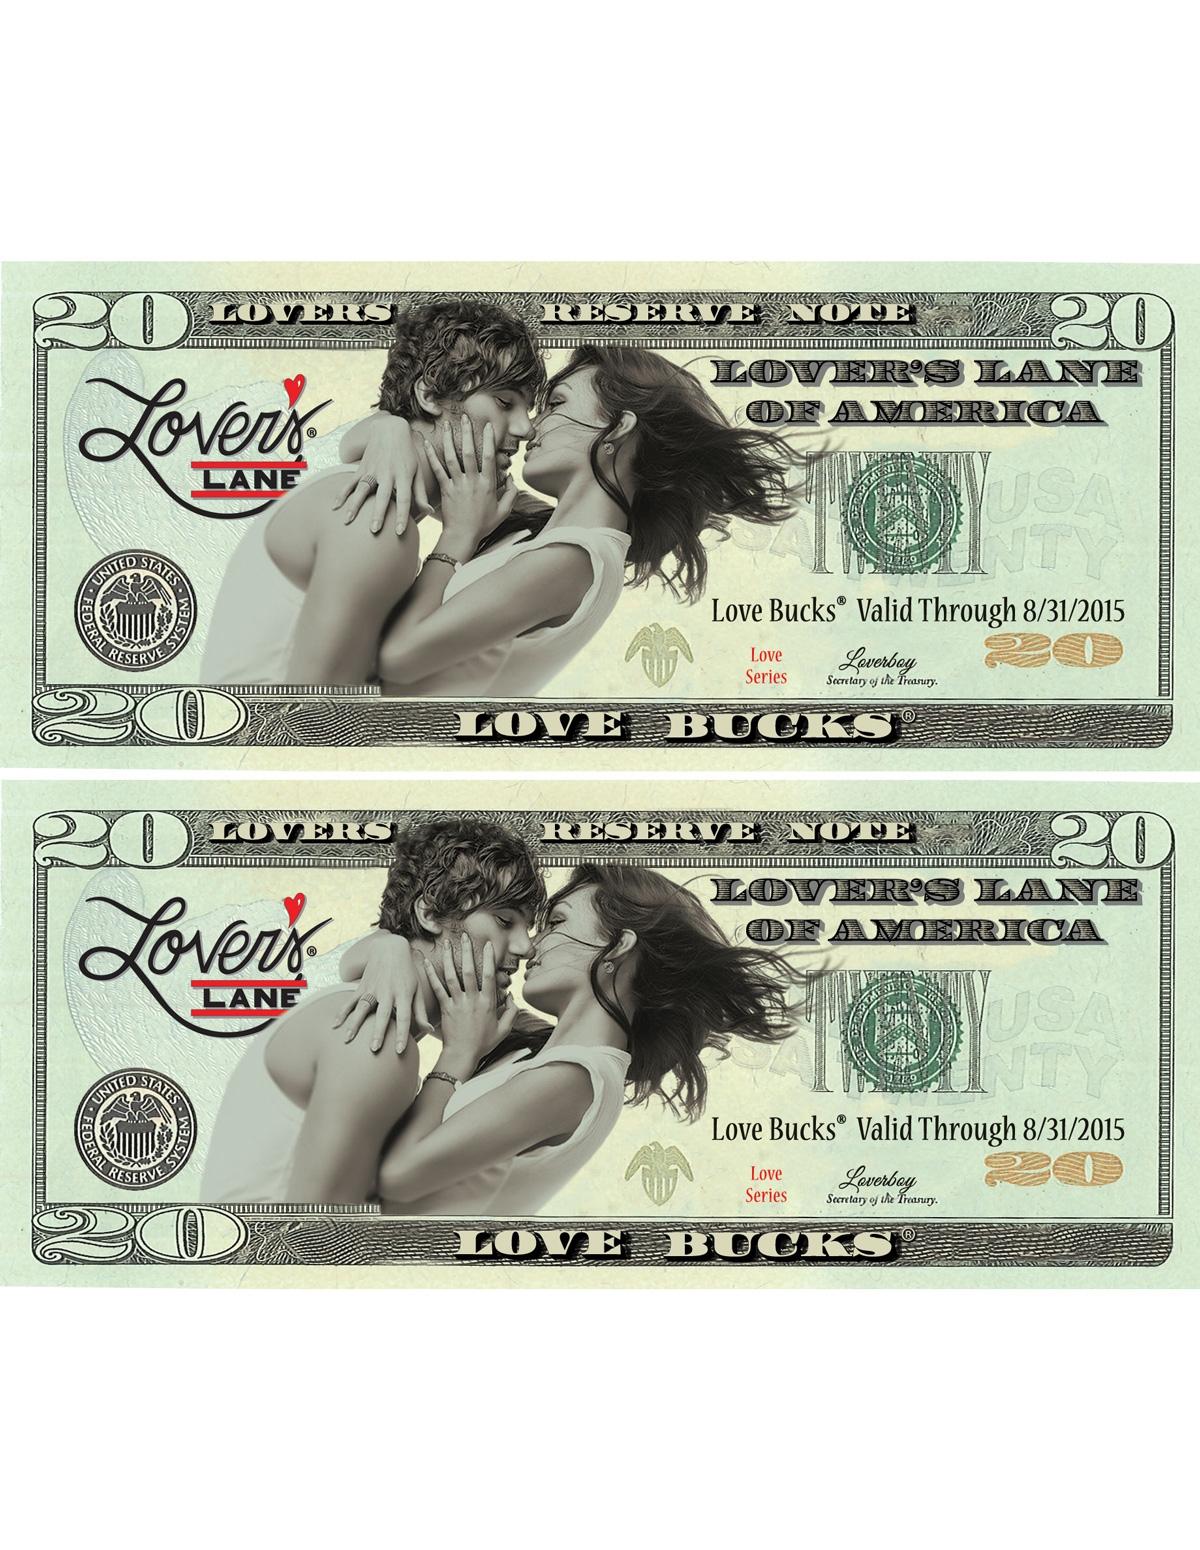 $40 Love Buck